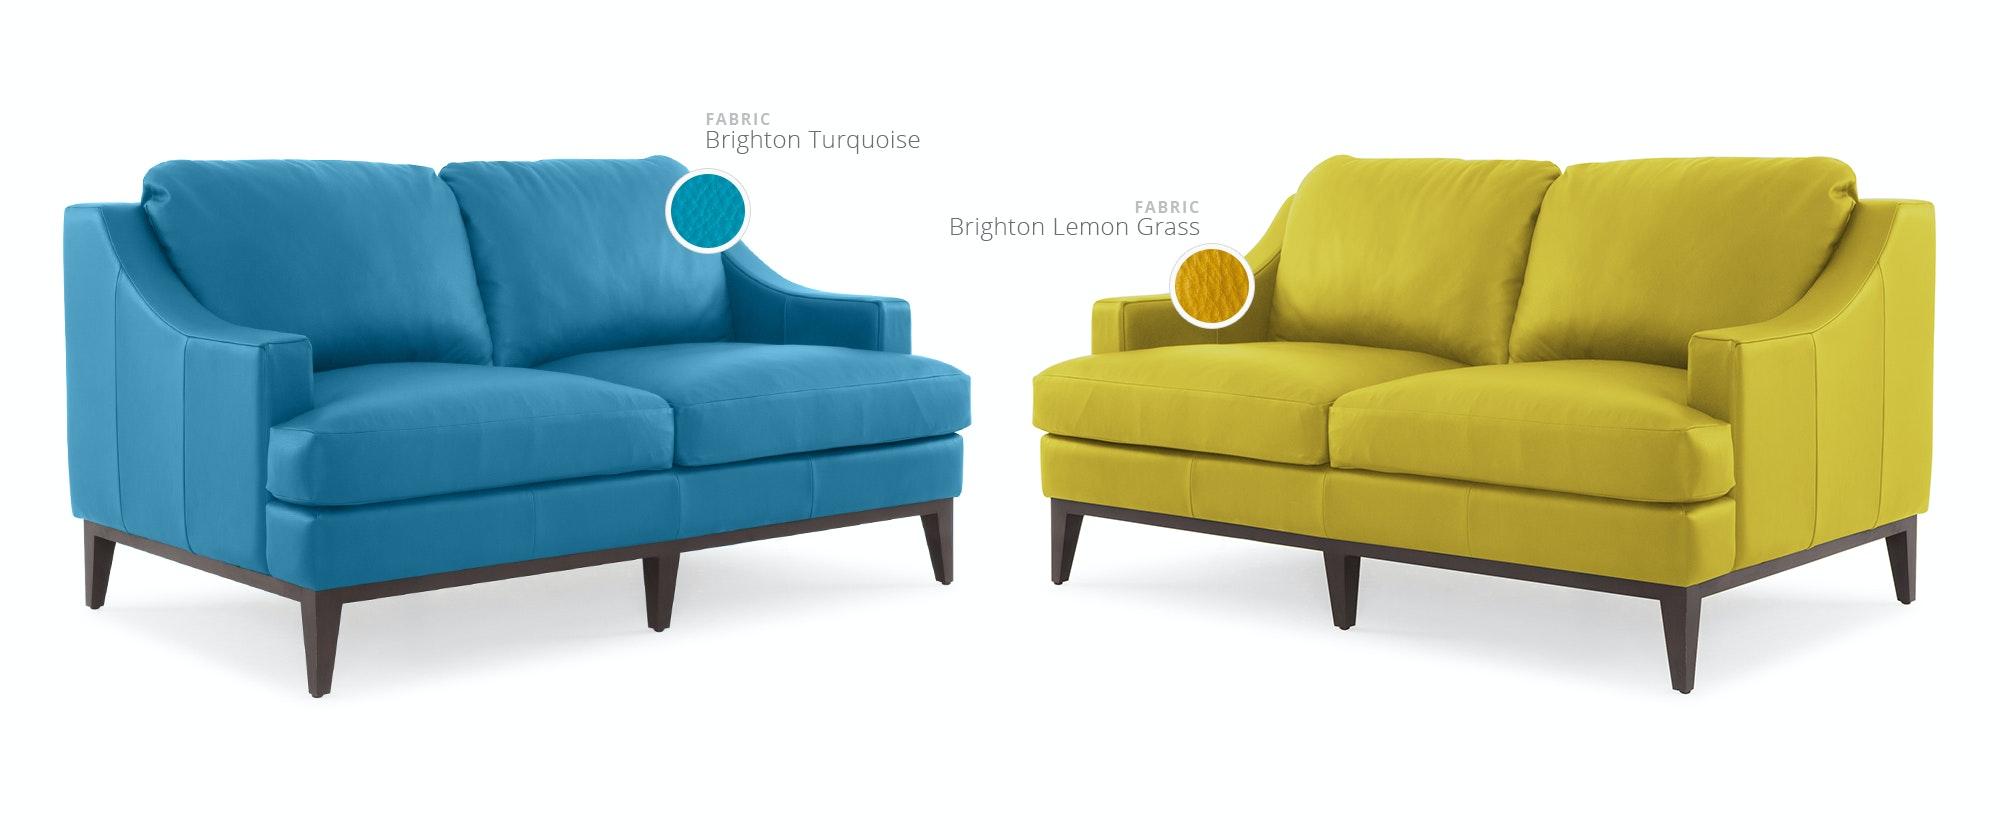 Stunning Clara Apartment Sofa Ideas - Amazing Design Ideas - siteo.us